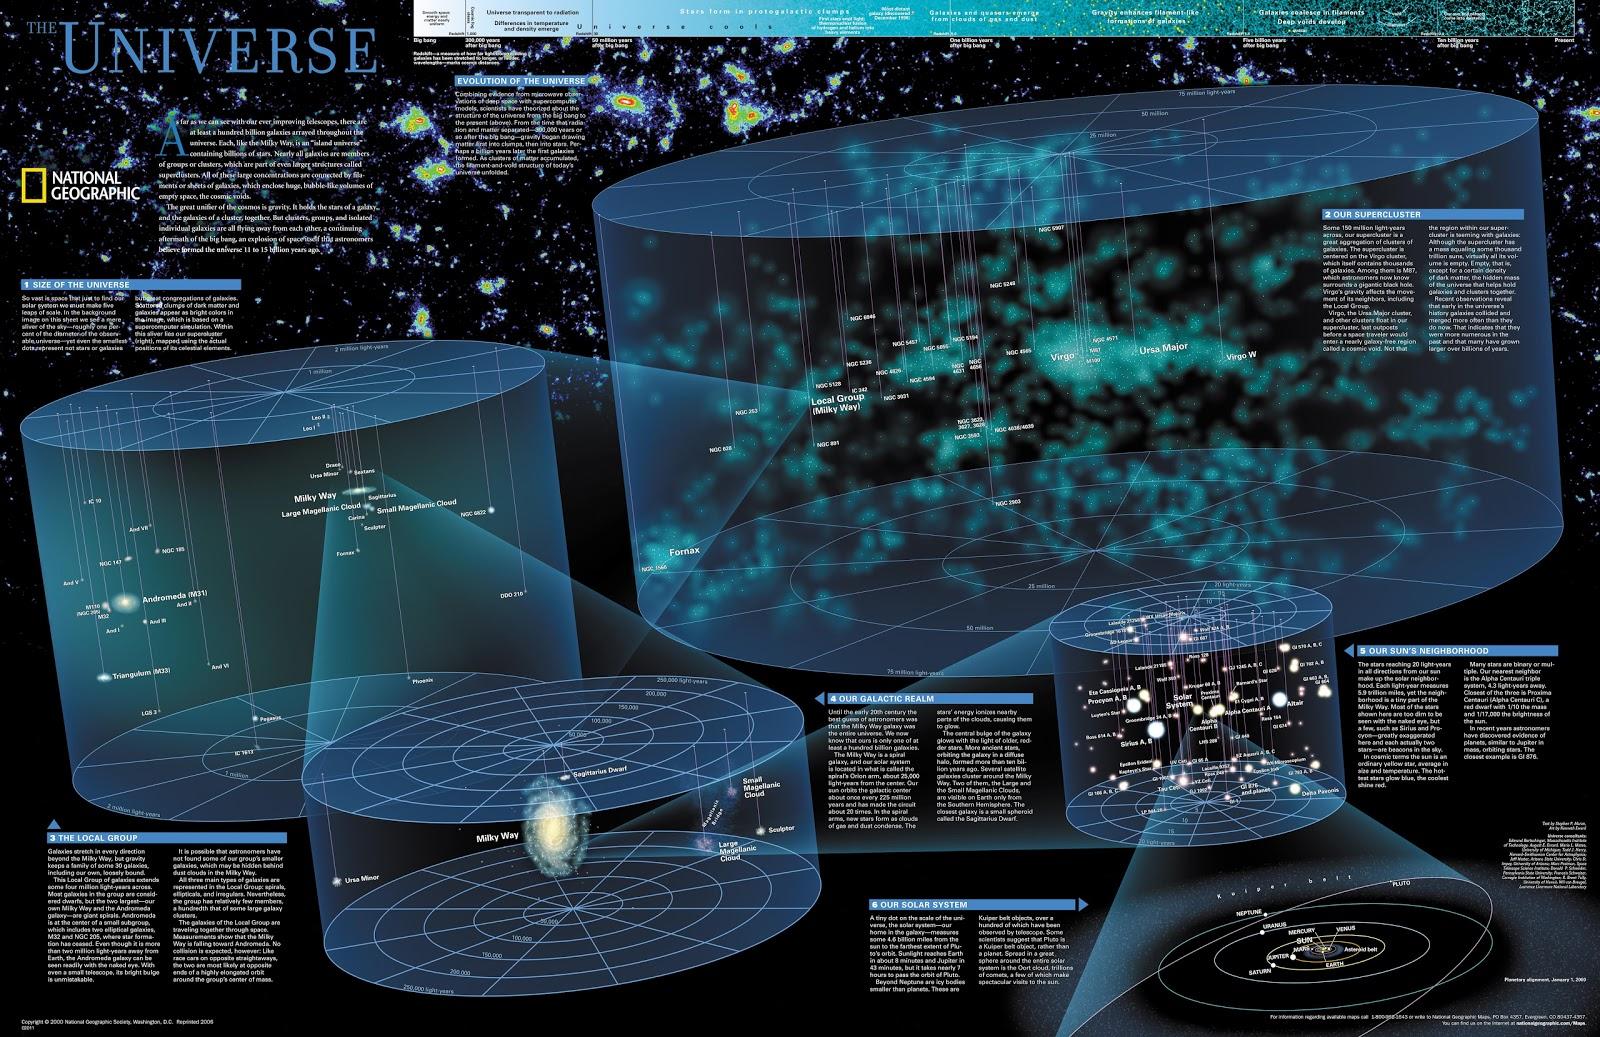 Worksheet. 3d Universe Map  3d Puzzle Image